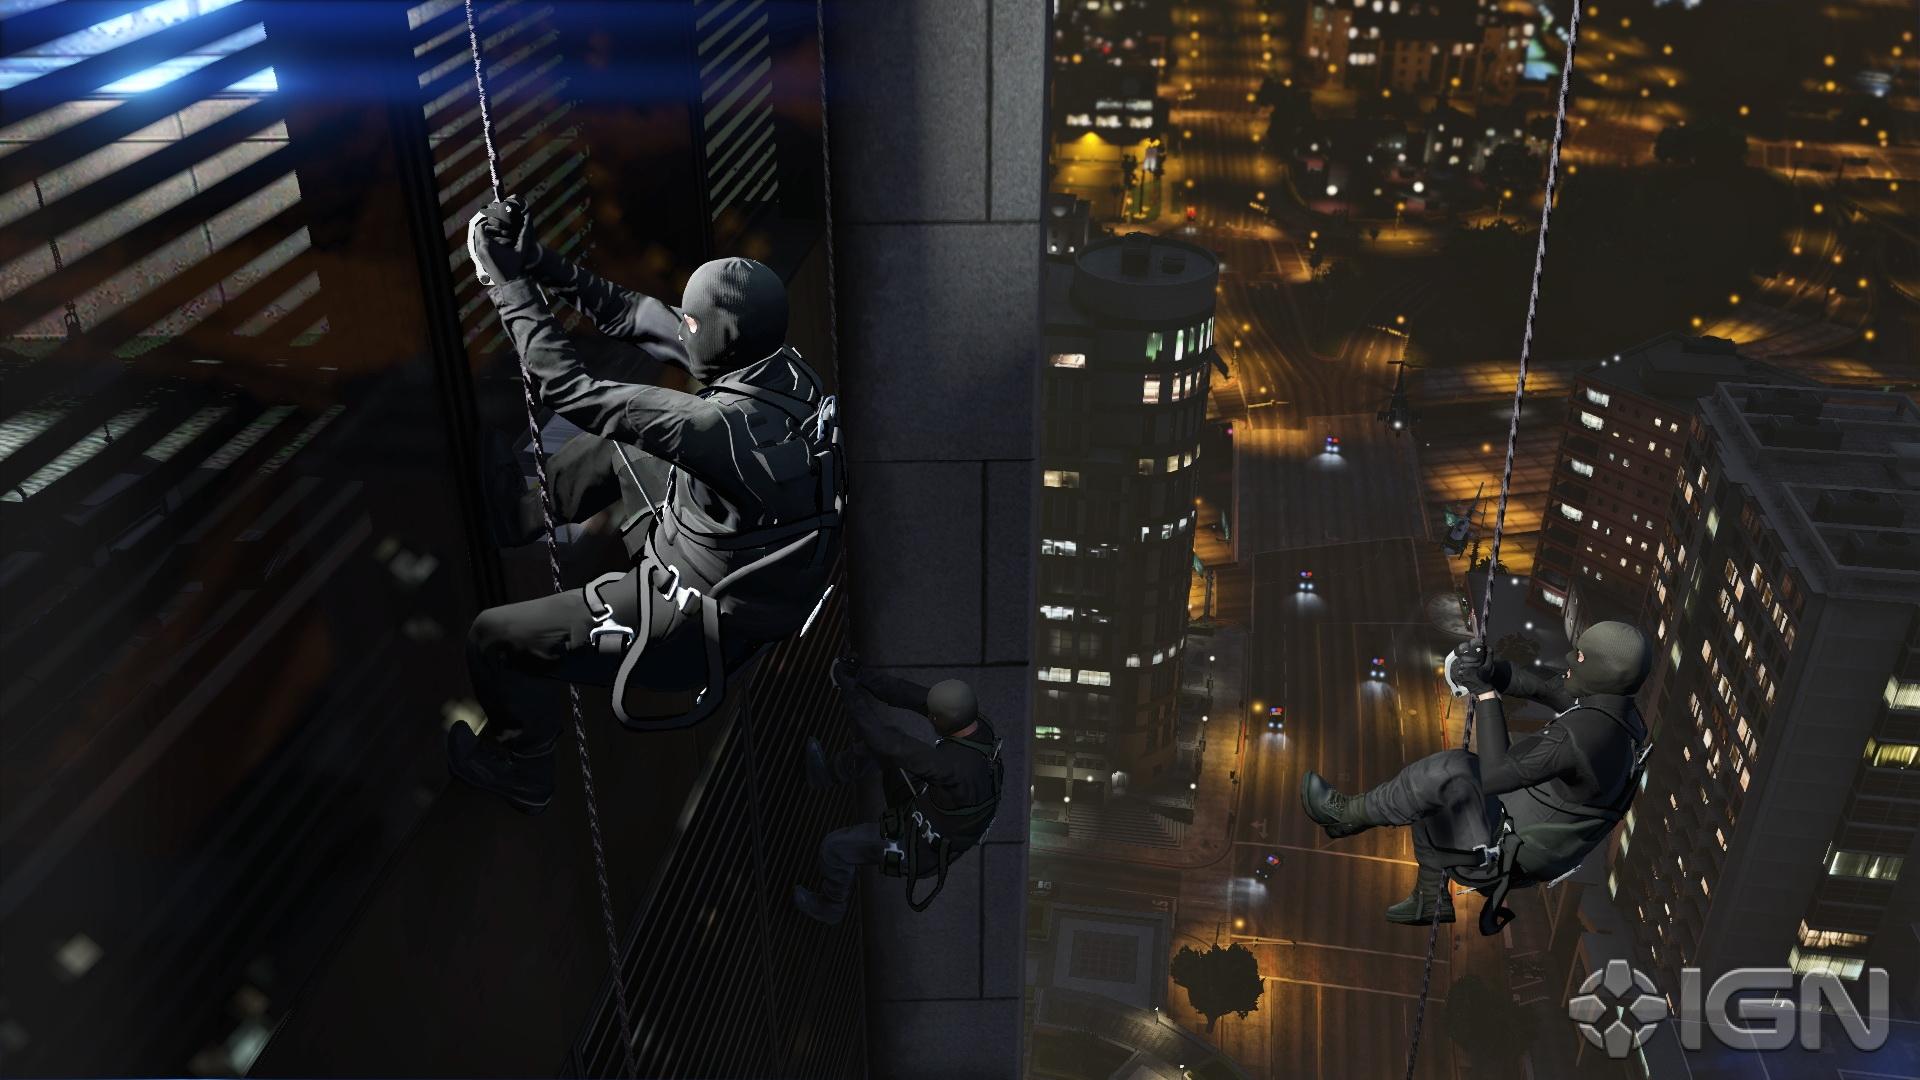 Dalších 25 nových obrázků z Grand Theft Auto V 102015